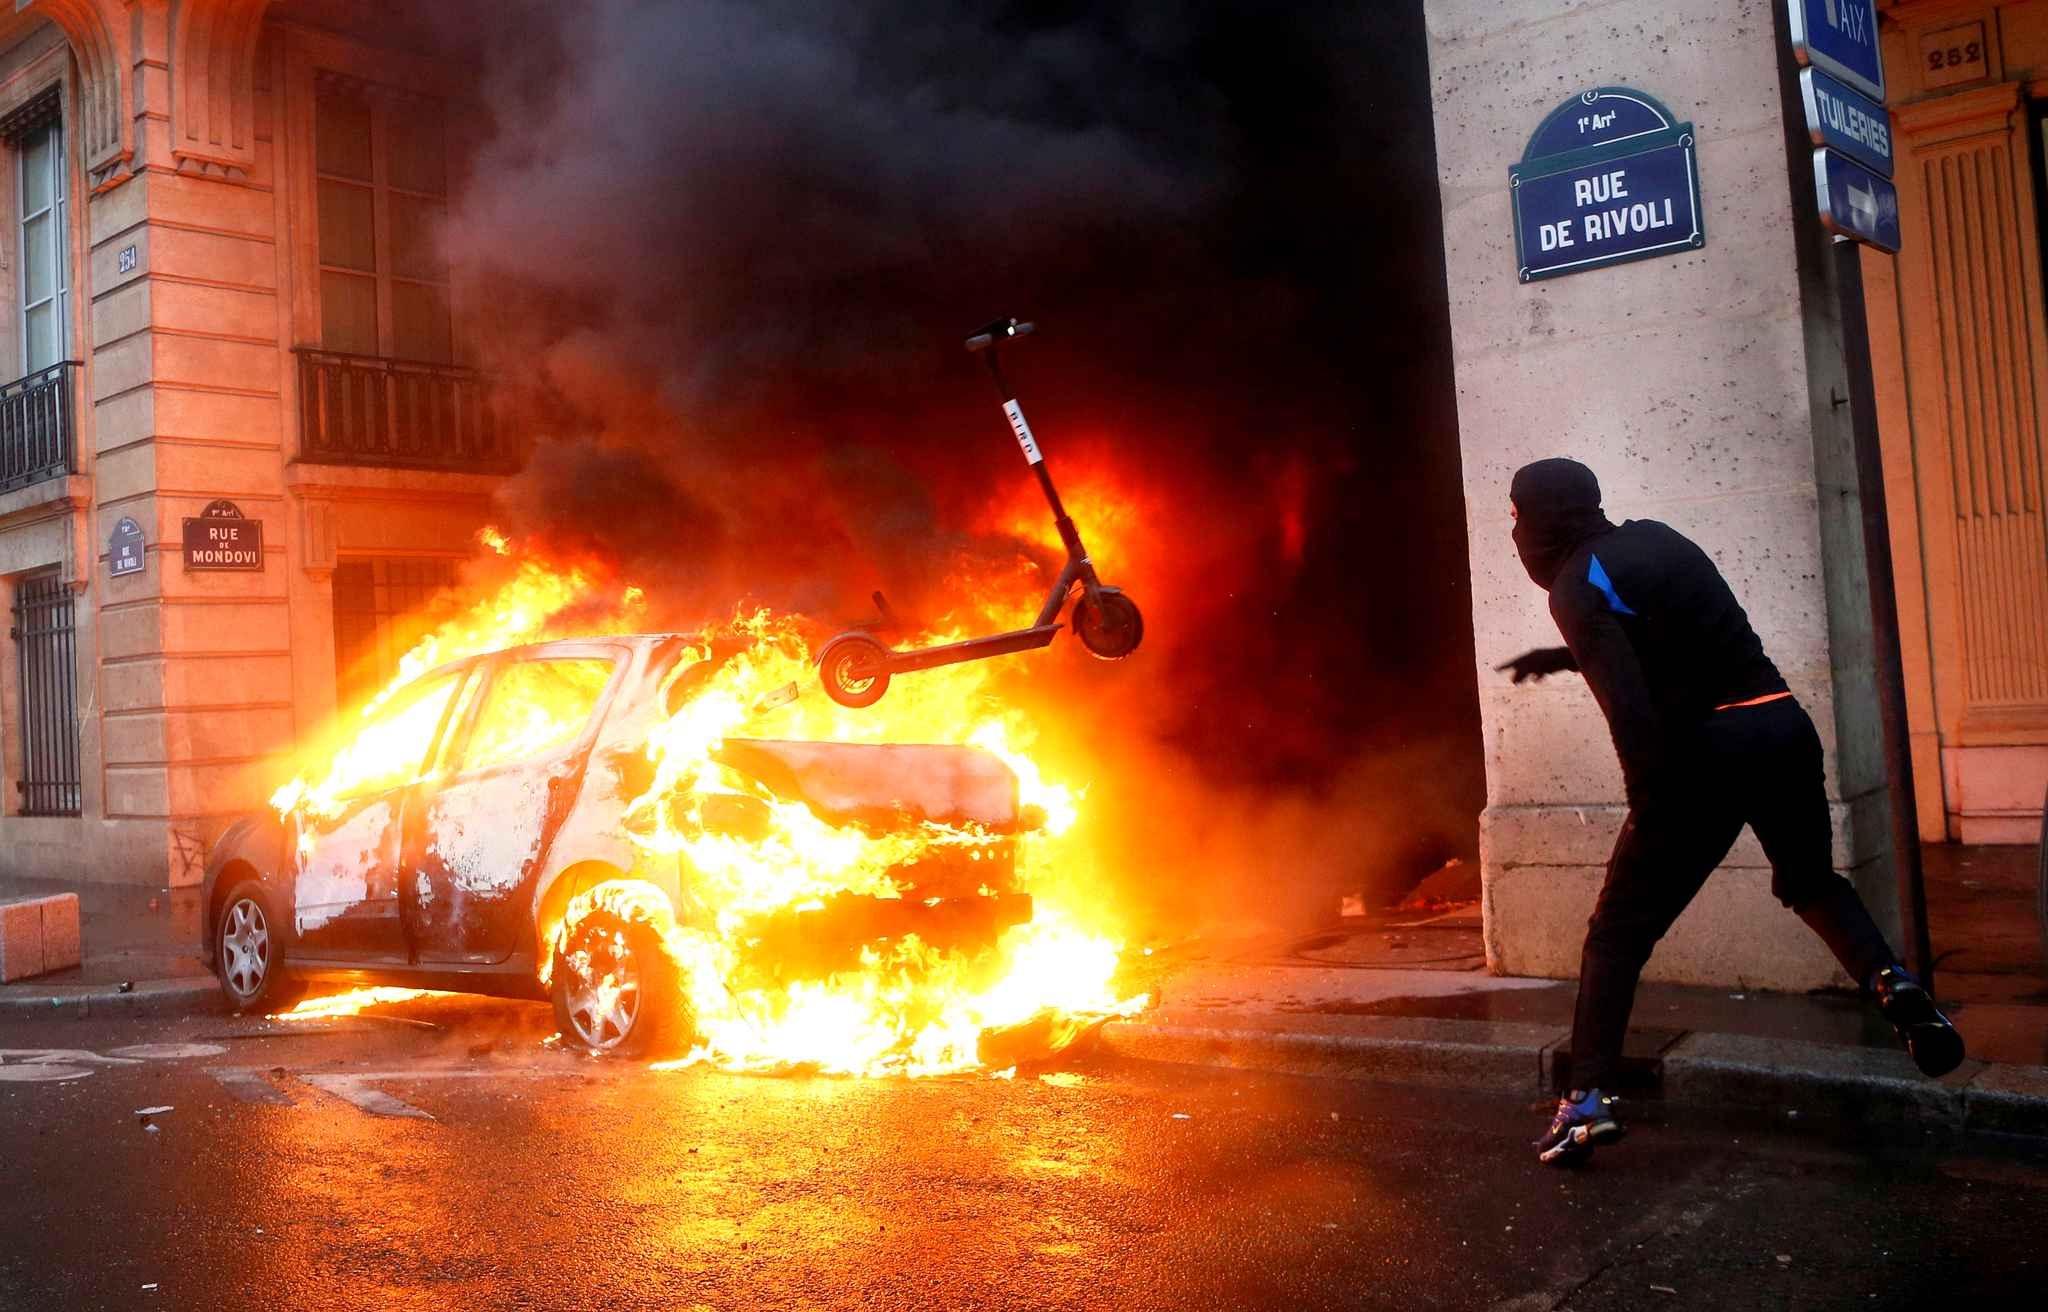 FOTO No 2_Los radicales en acción en pleno corazón de París